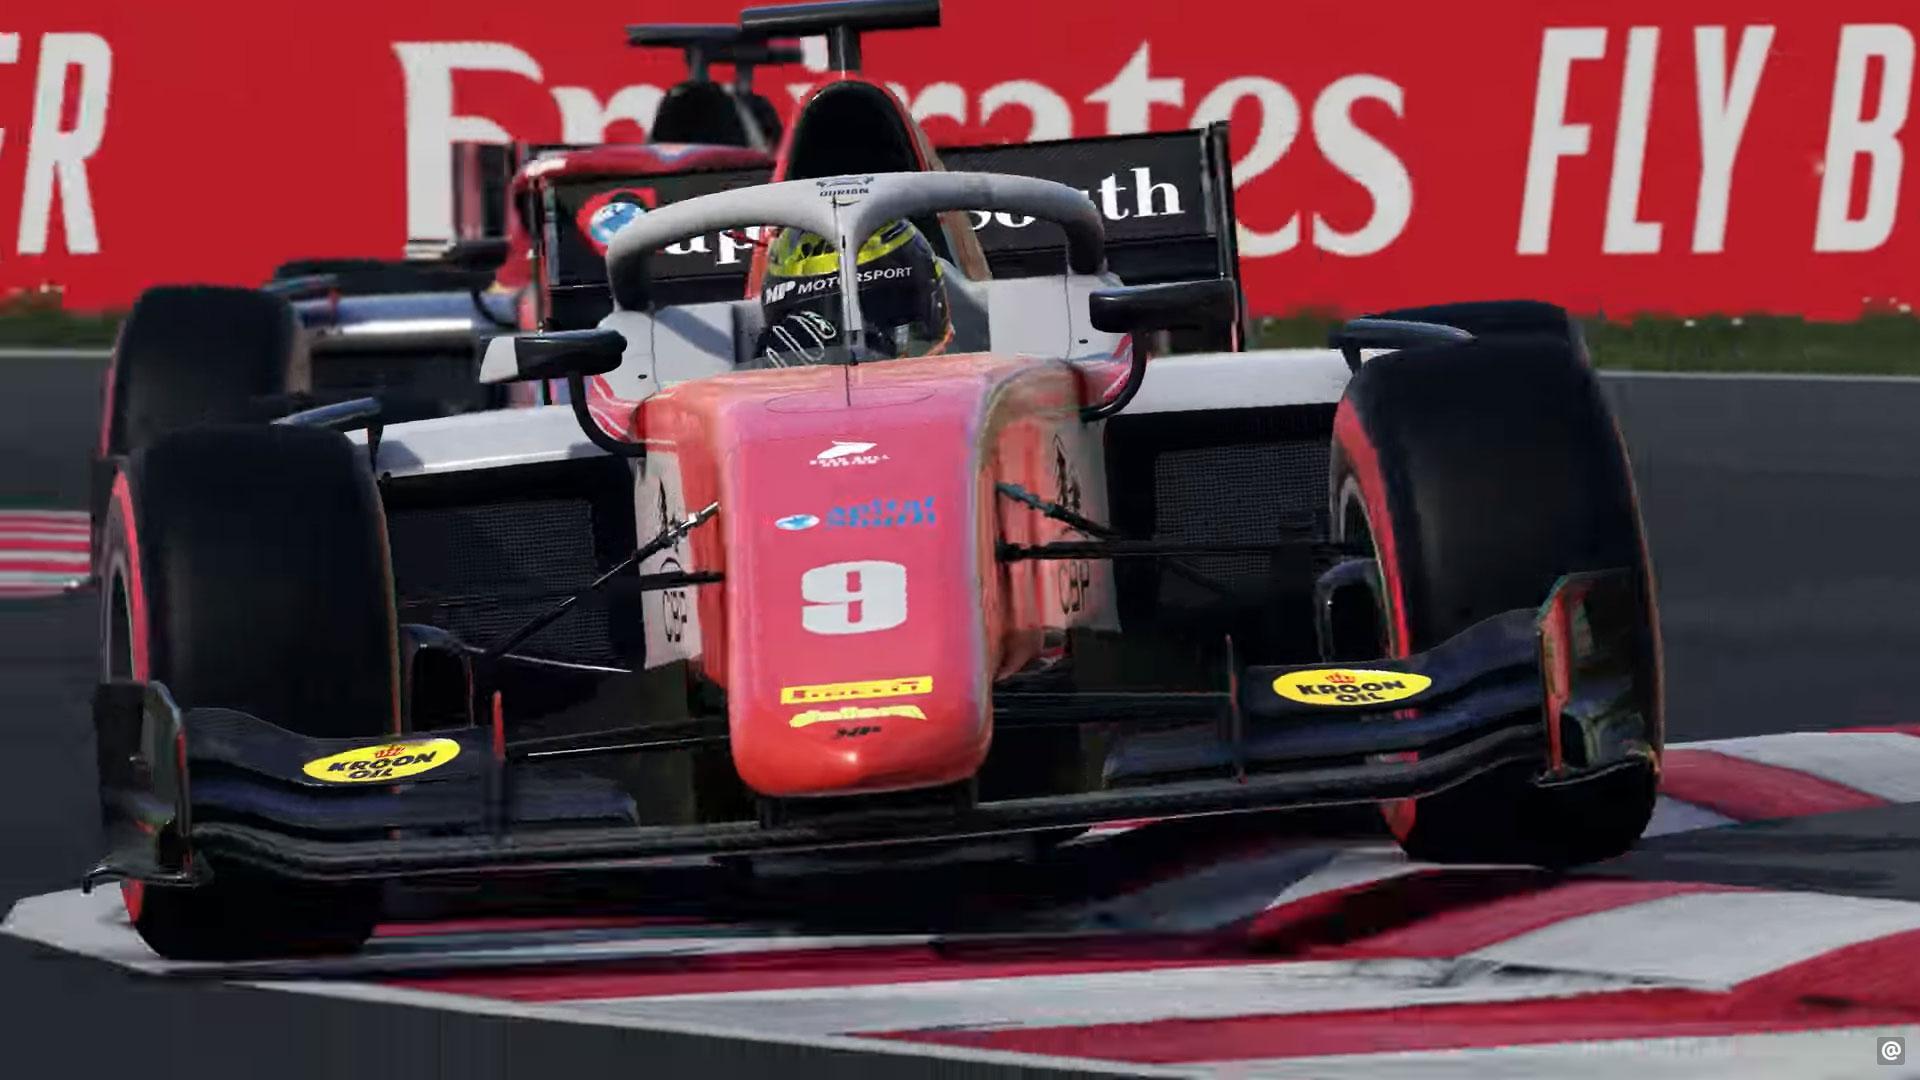 F1 2019 review voor PS4 en Xbox One - TopGear Nederland